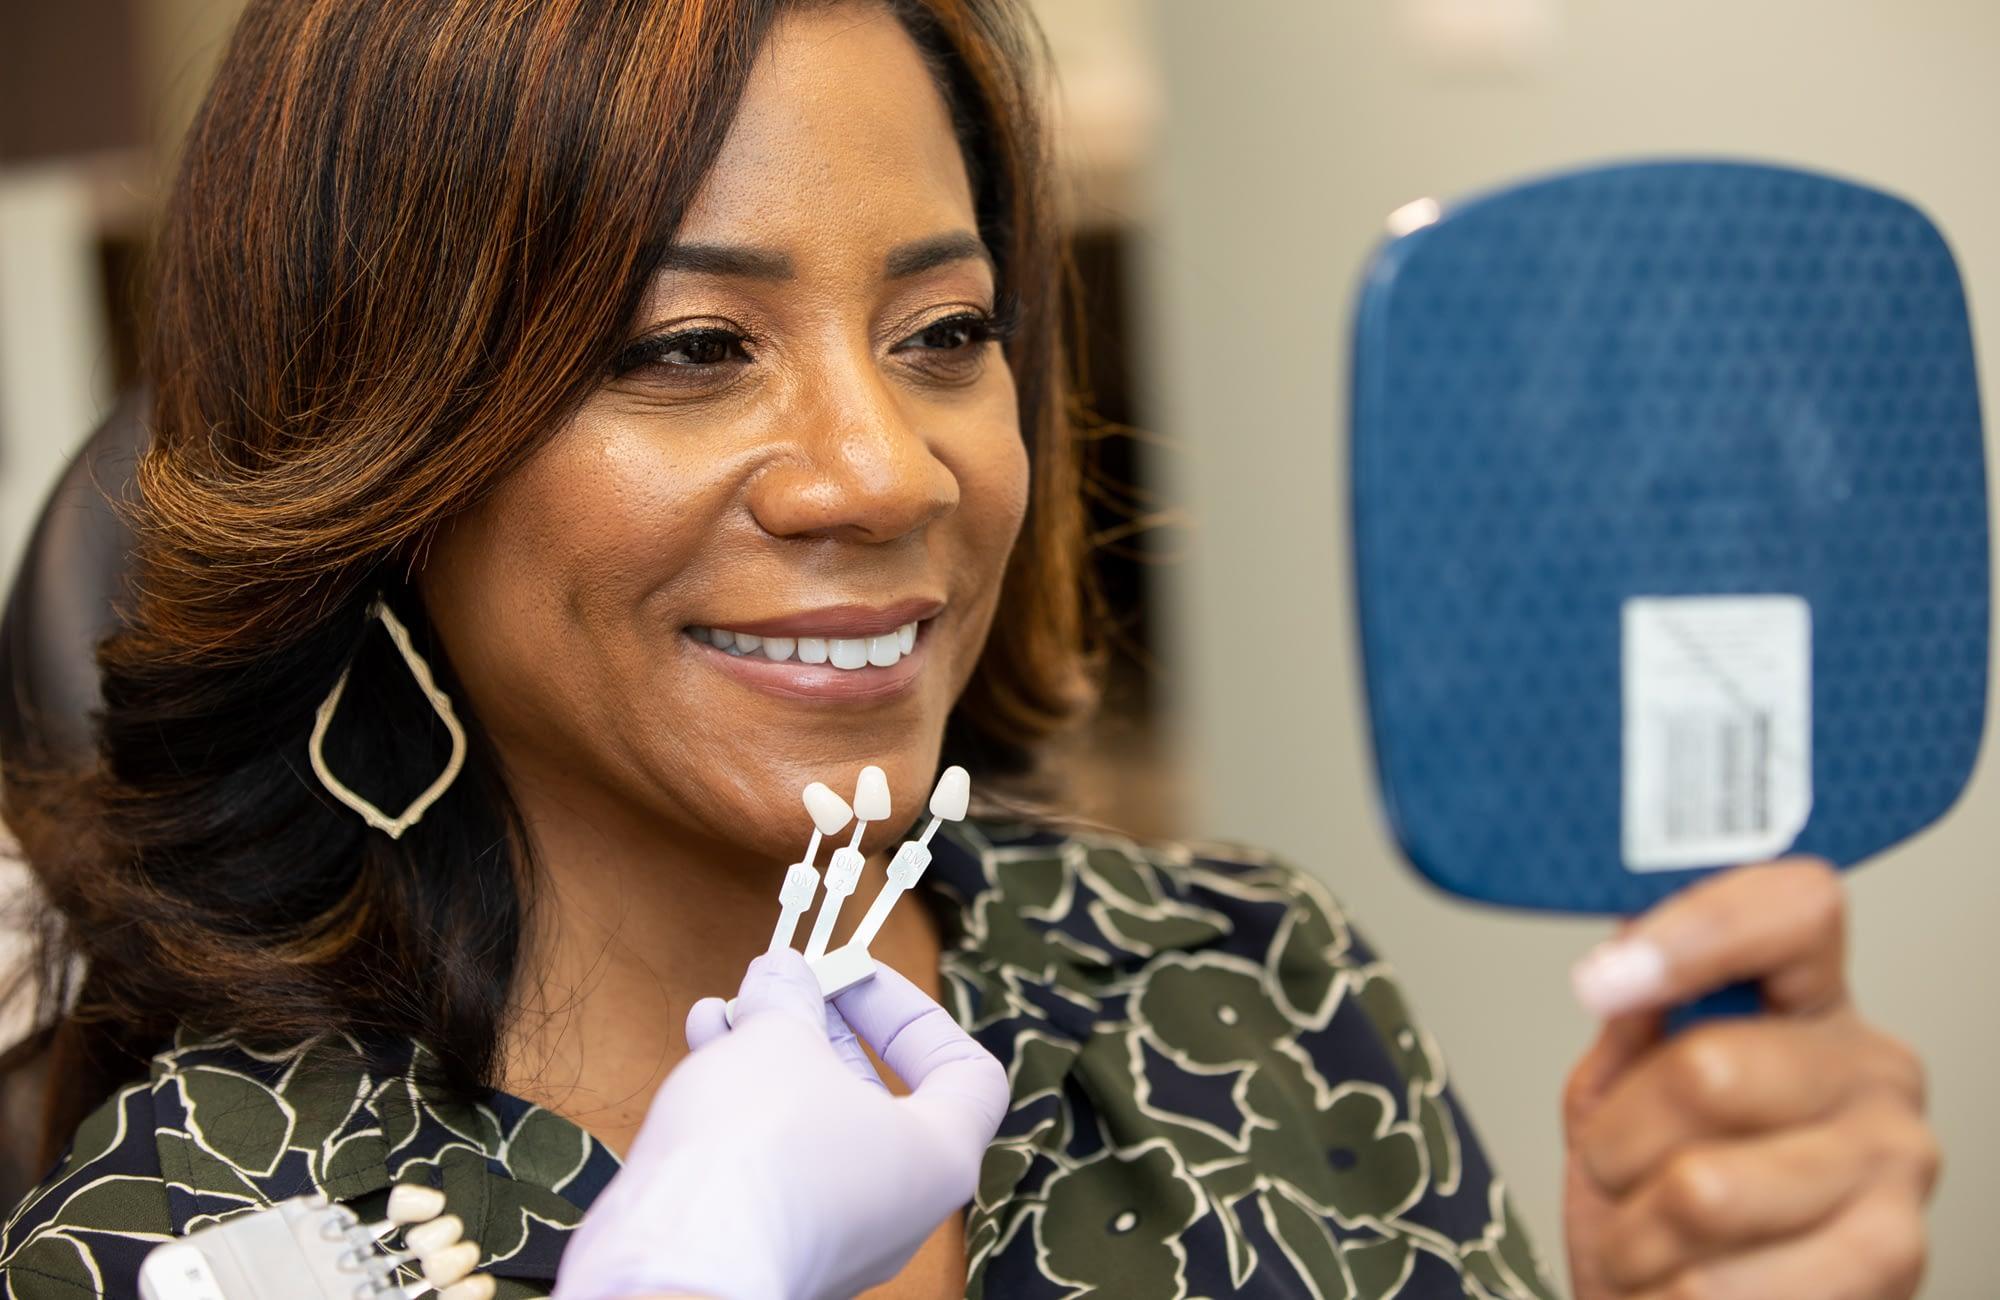 Dr. Bork patient ALLEN, TX